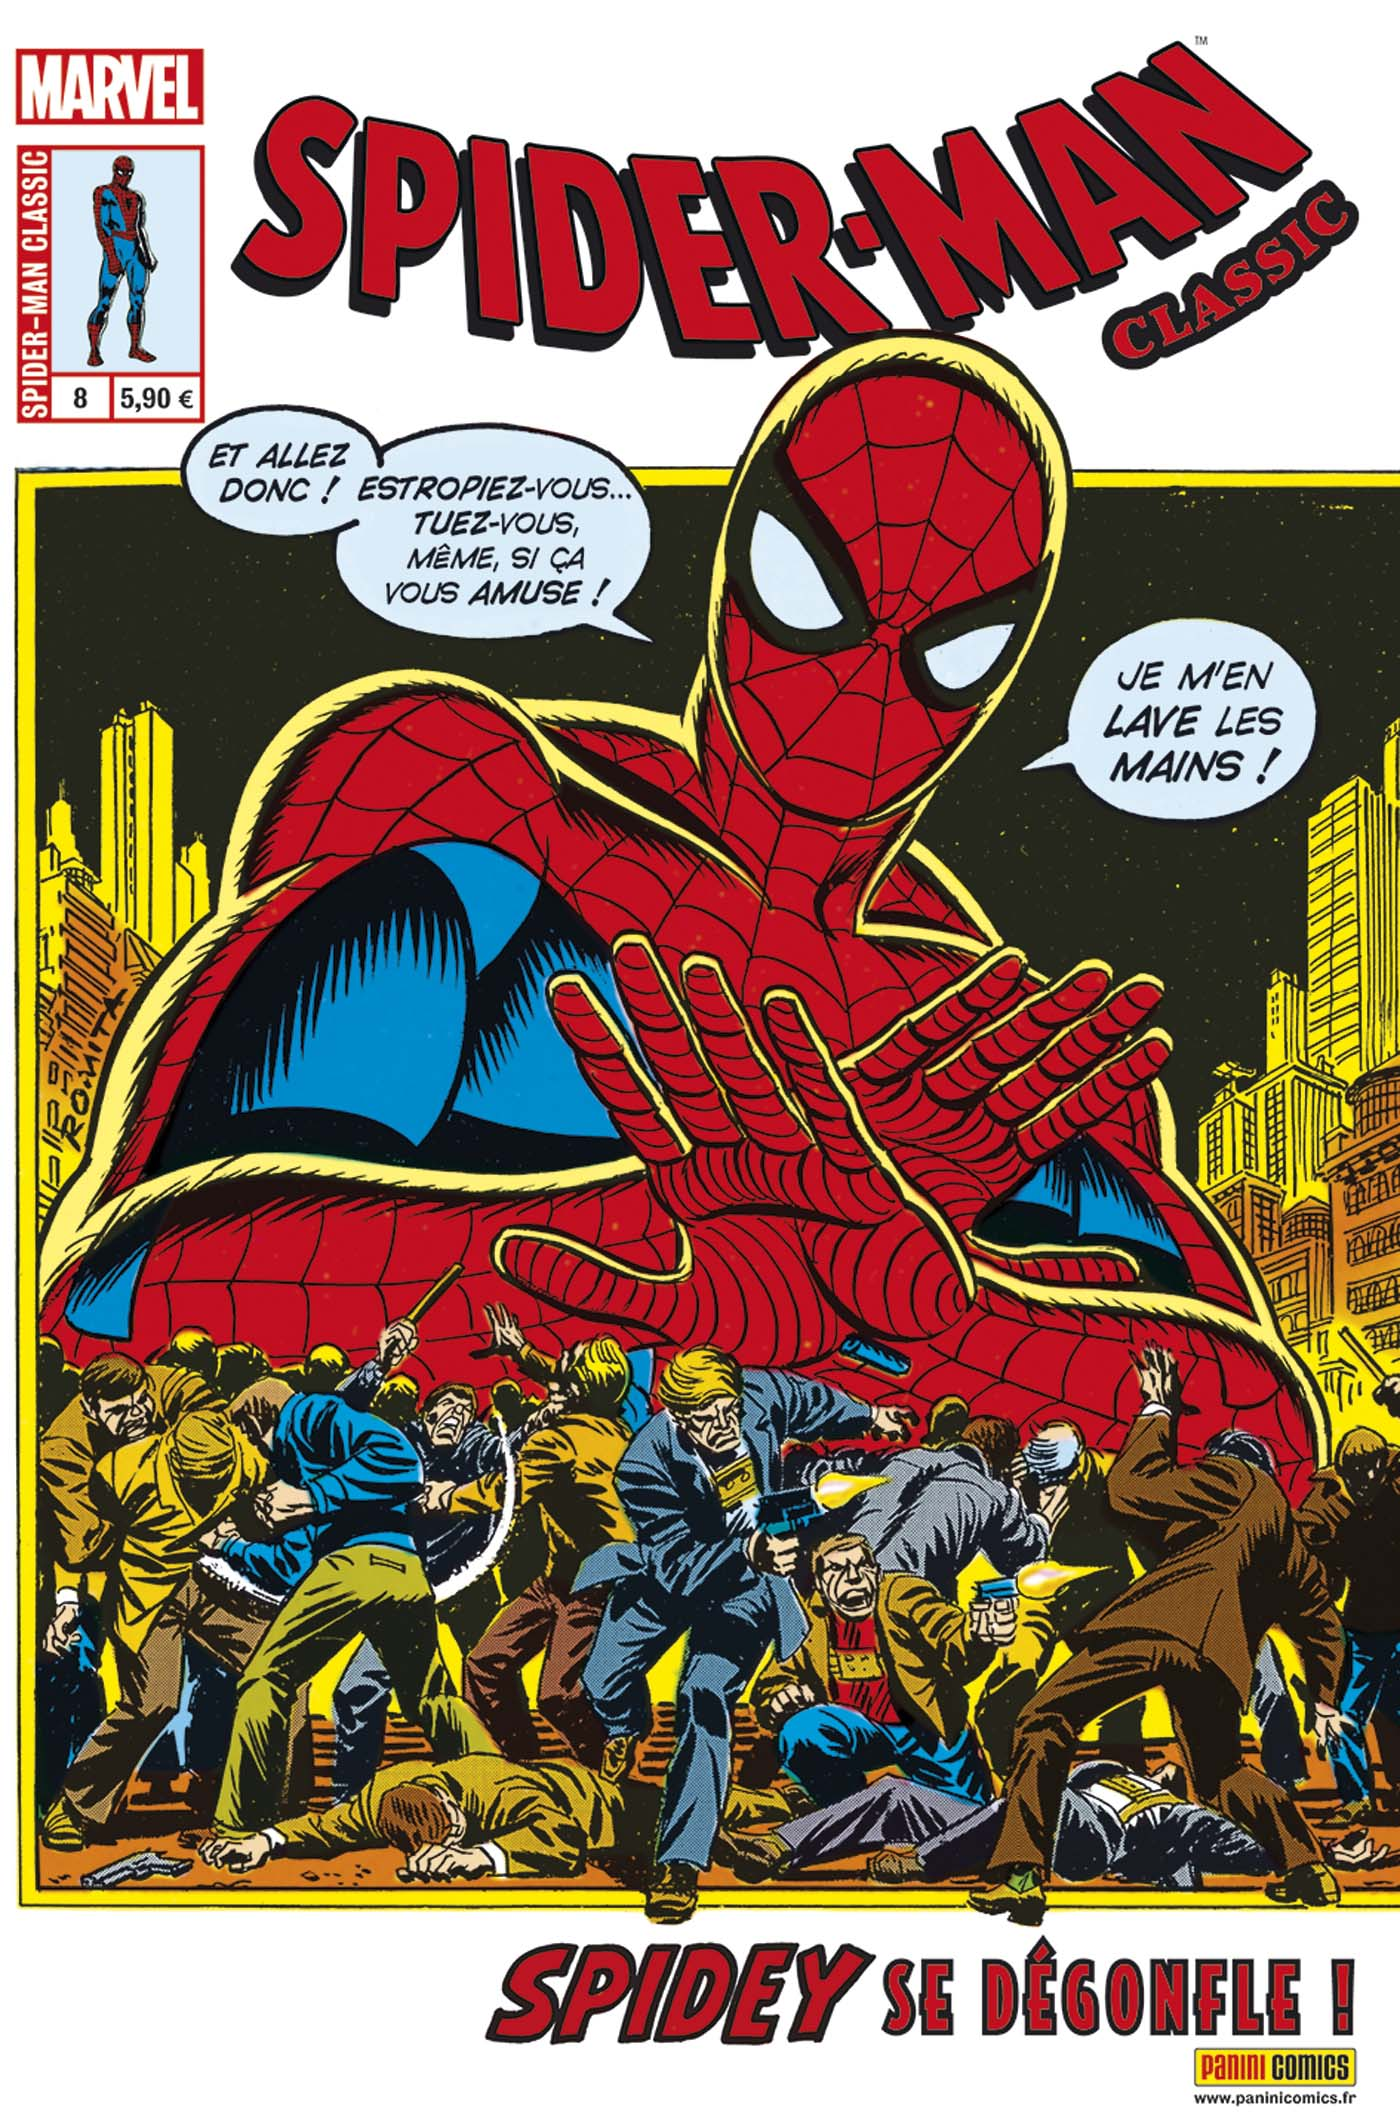 Spider-Man Classic 8